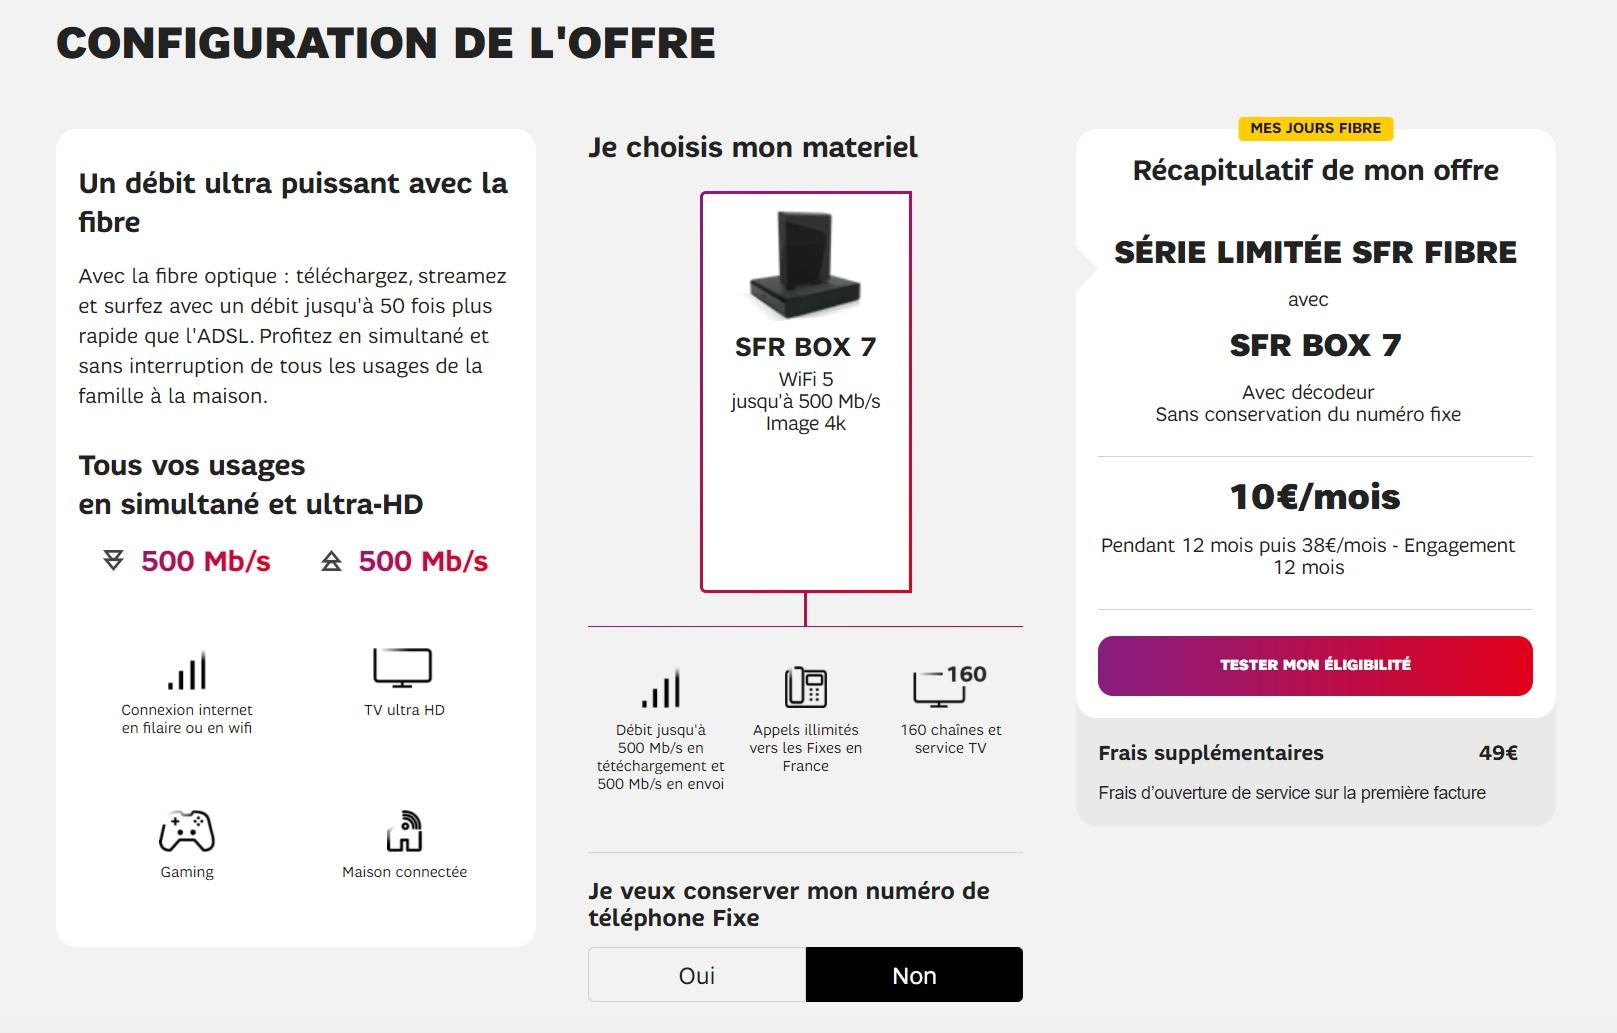 SFR prolonge son offre Fibre à seulement 10 €/mois (Internet + fixe + TV)